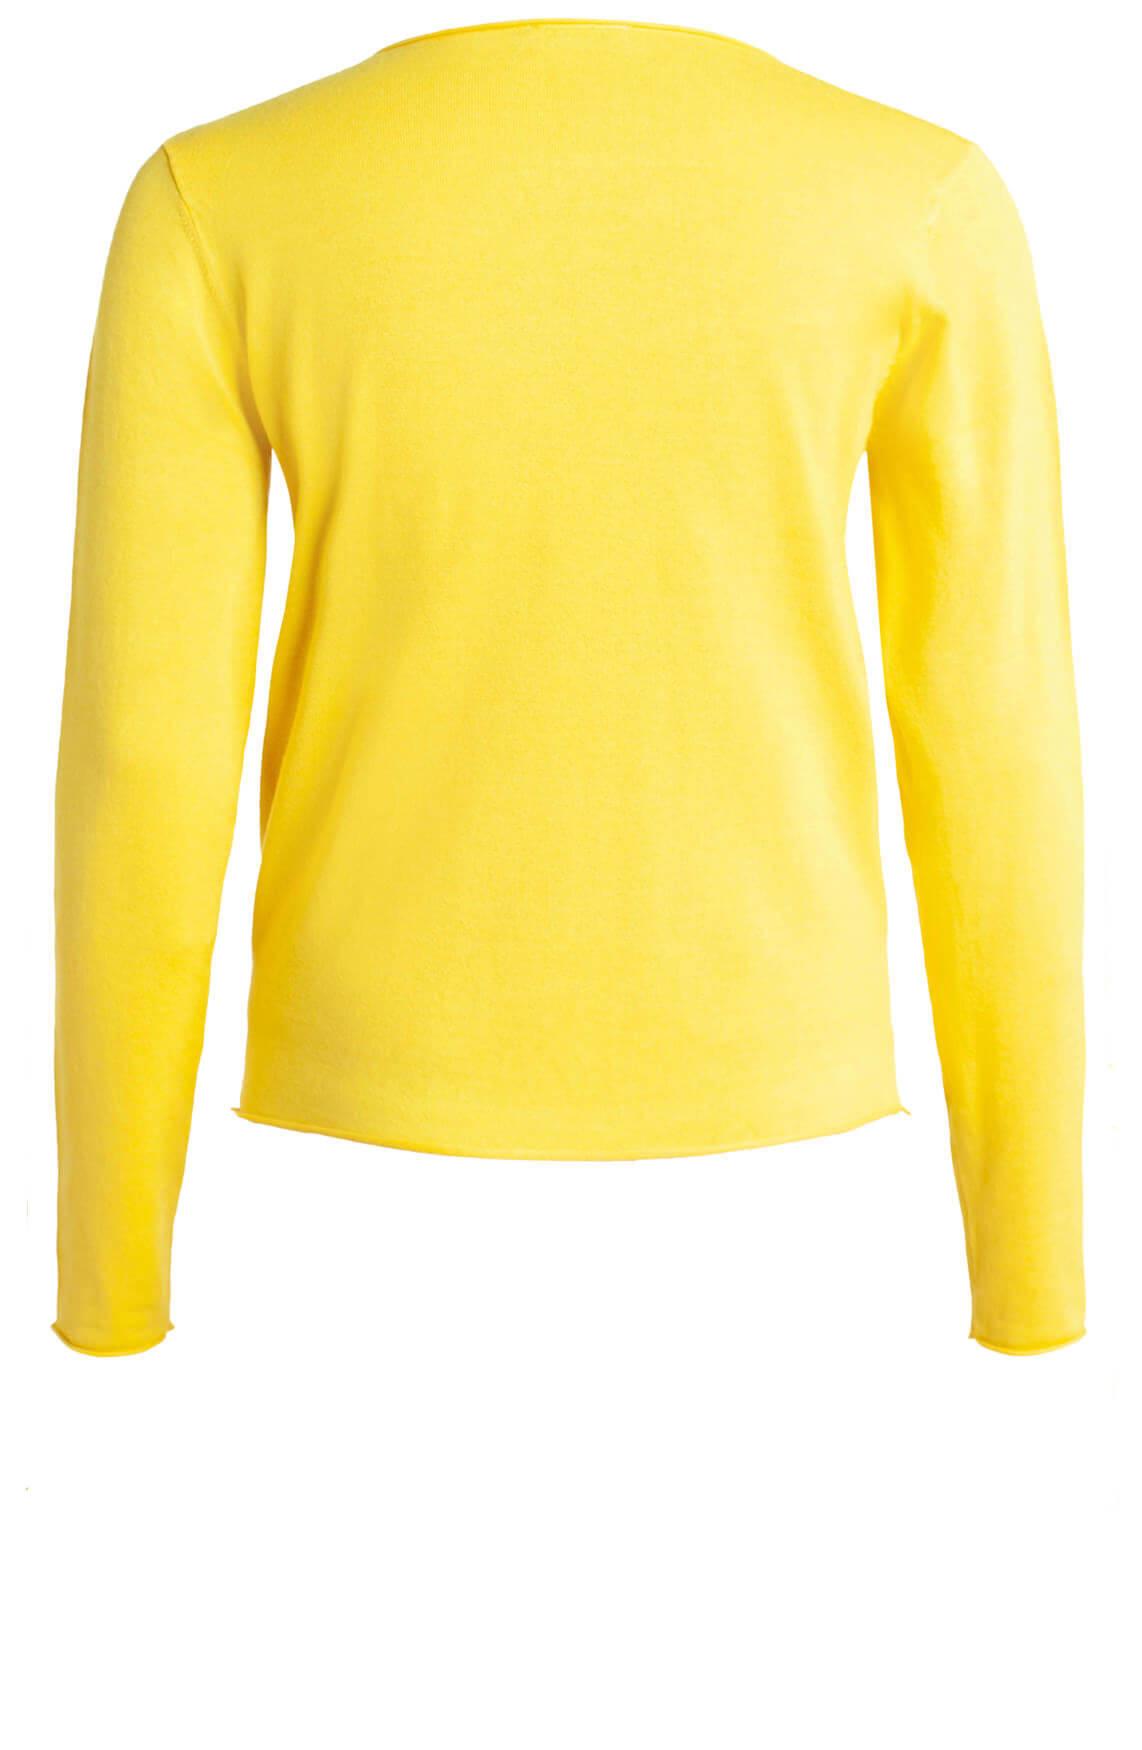 Anna Dames Fijngebreide pullover geel